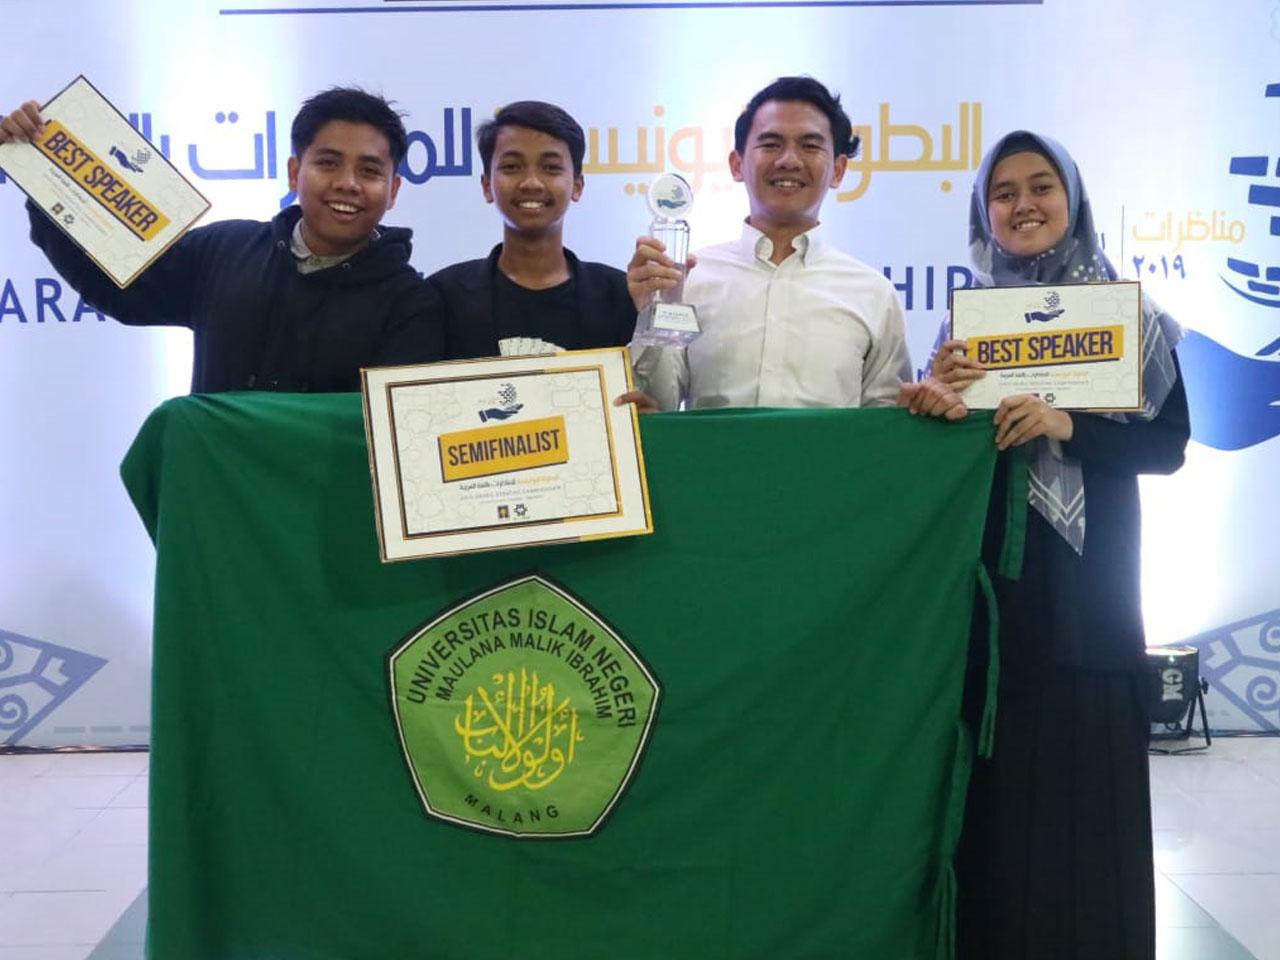 Juara Debat Bahasa Arab tingkat Internasional tahun 2019